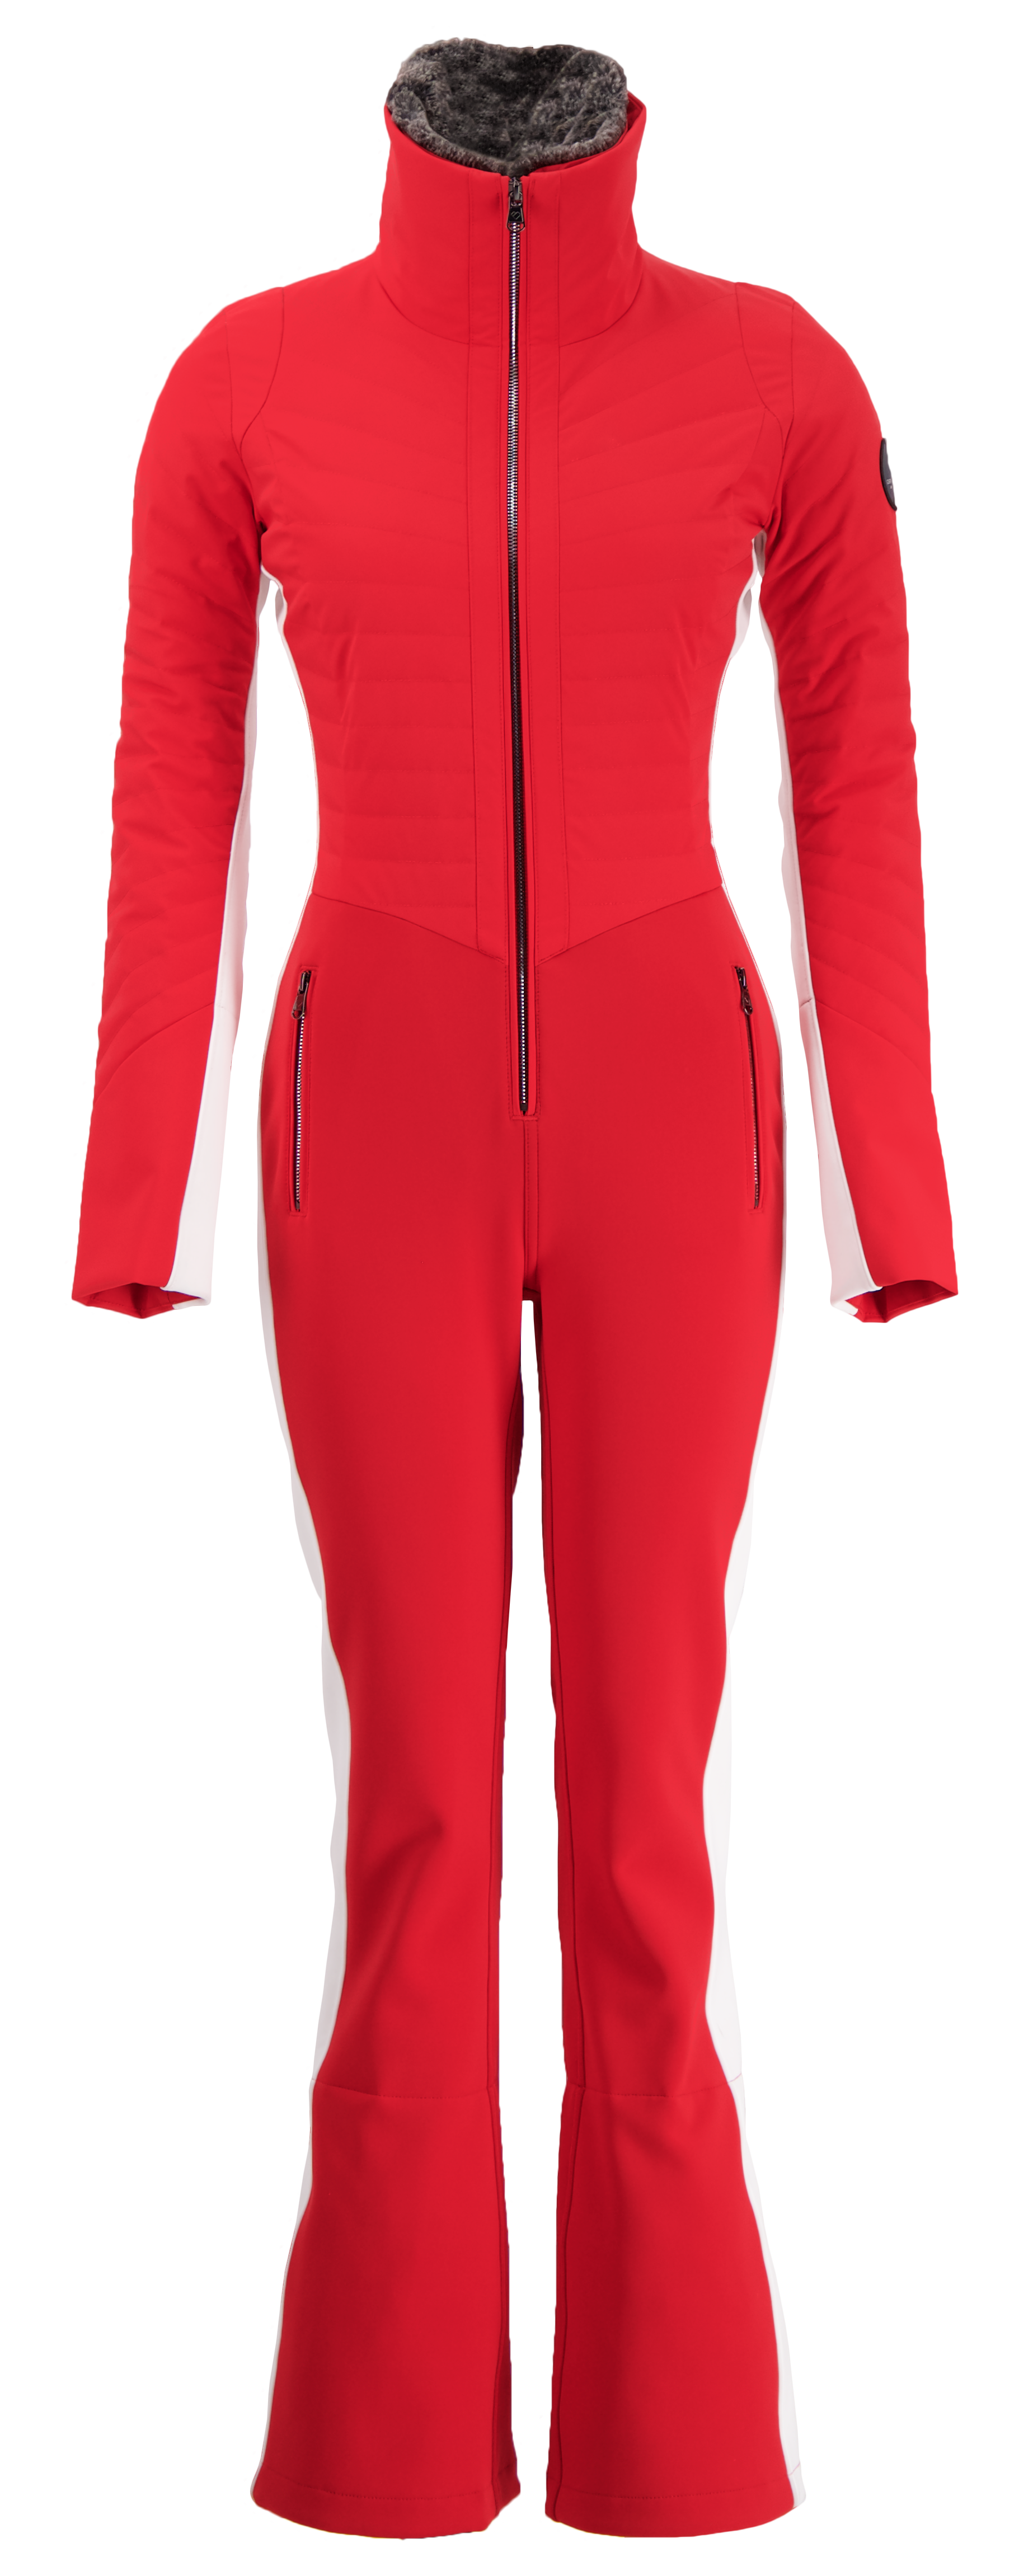 Warren Miller Fashion 121303